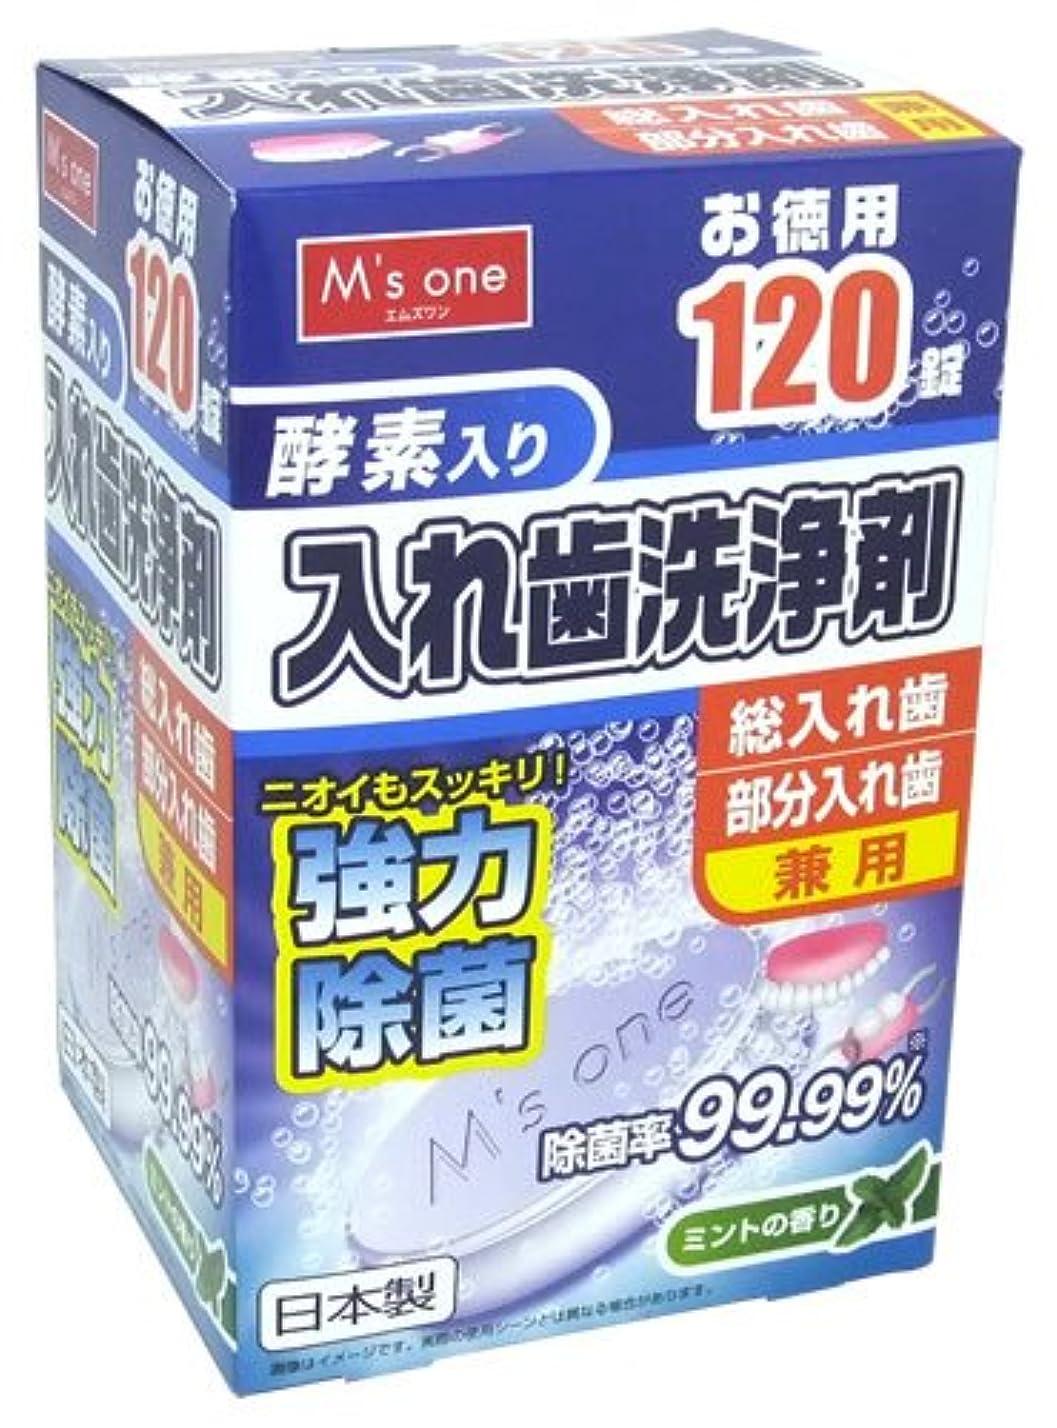 コンパス確立成熟エムズワン 酵素入り 入れ歯洗浄剤 ミントの香り 総入れ歯?部分入れ歯兼用 お徳用 (120錠)